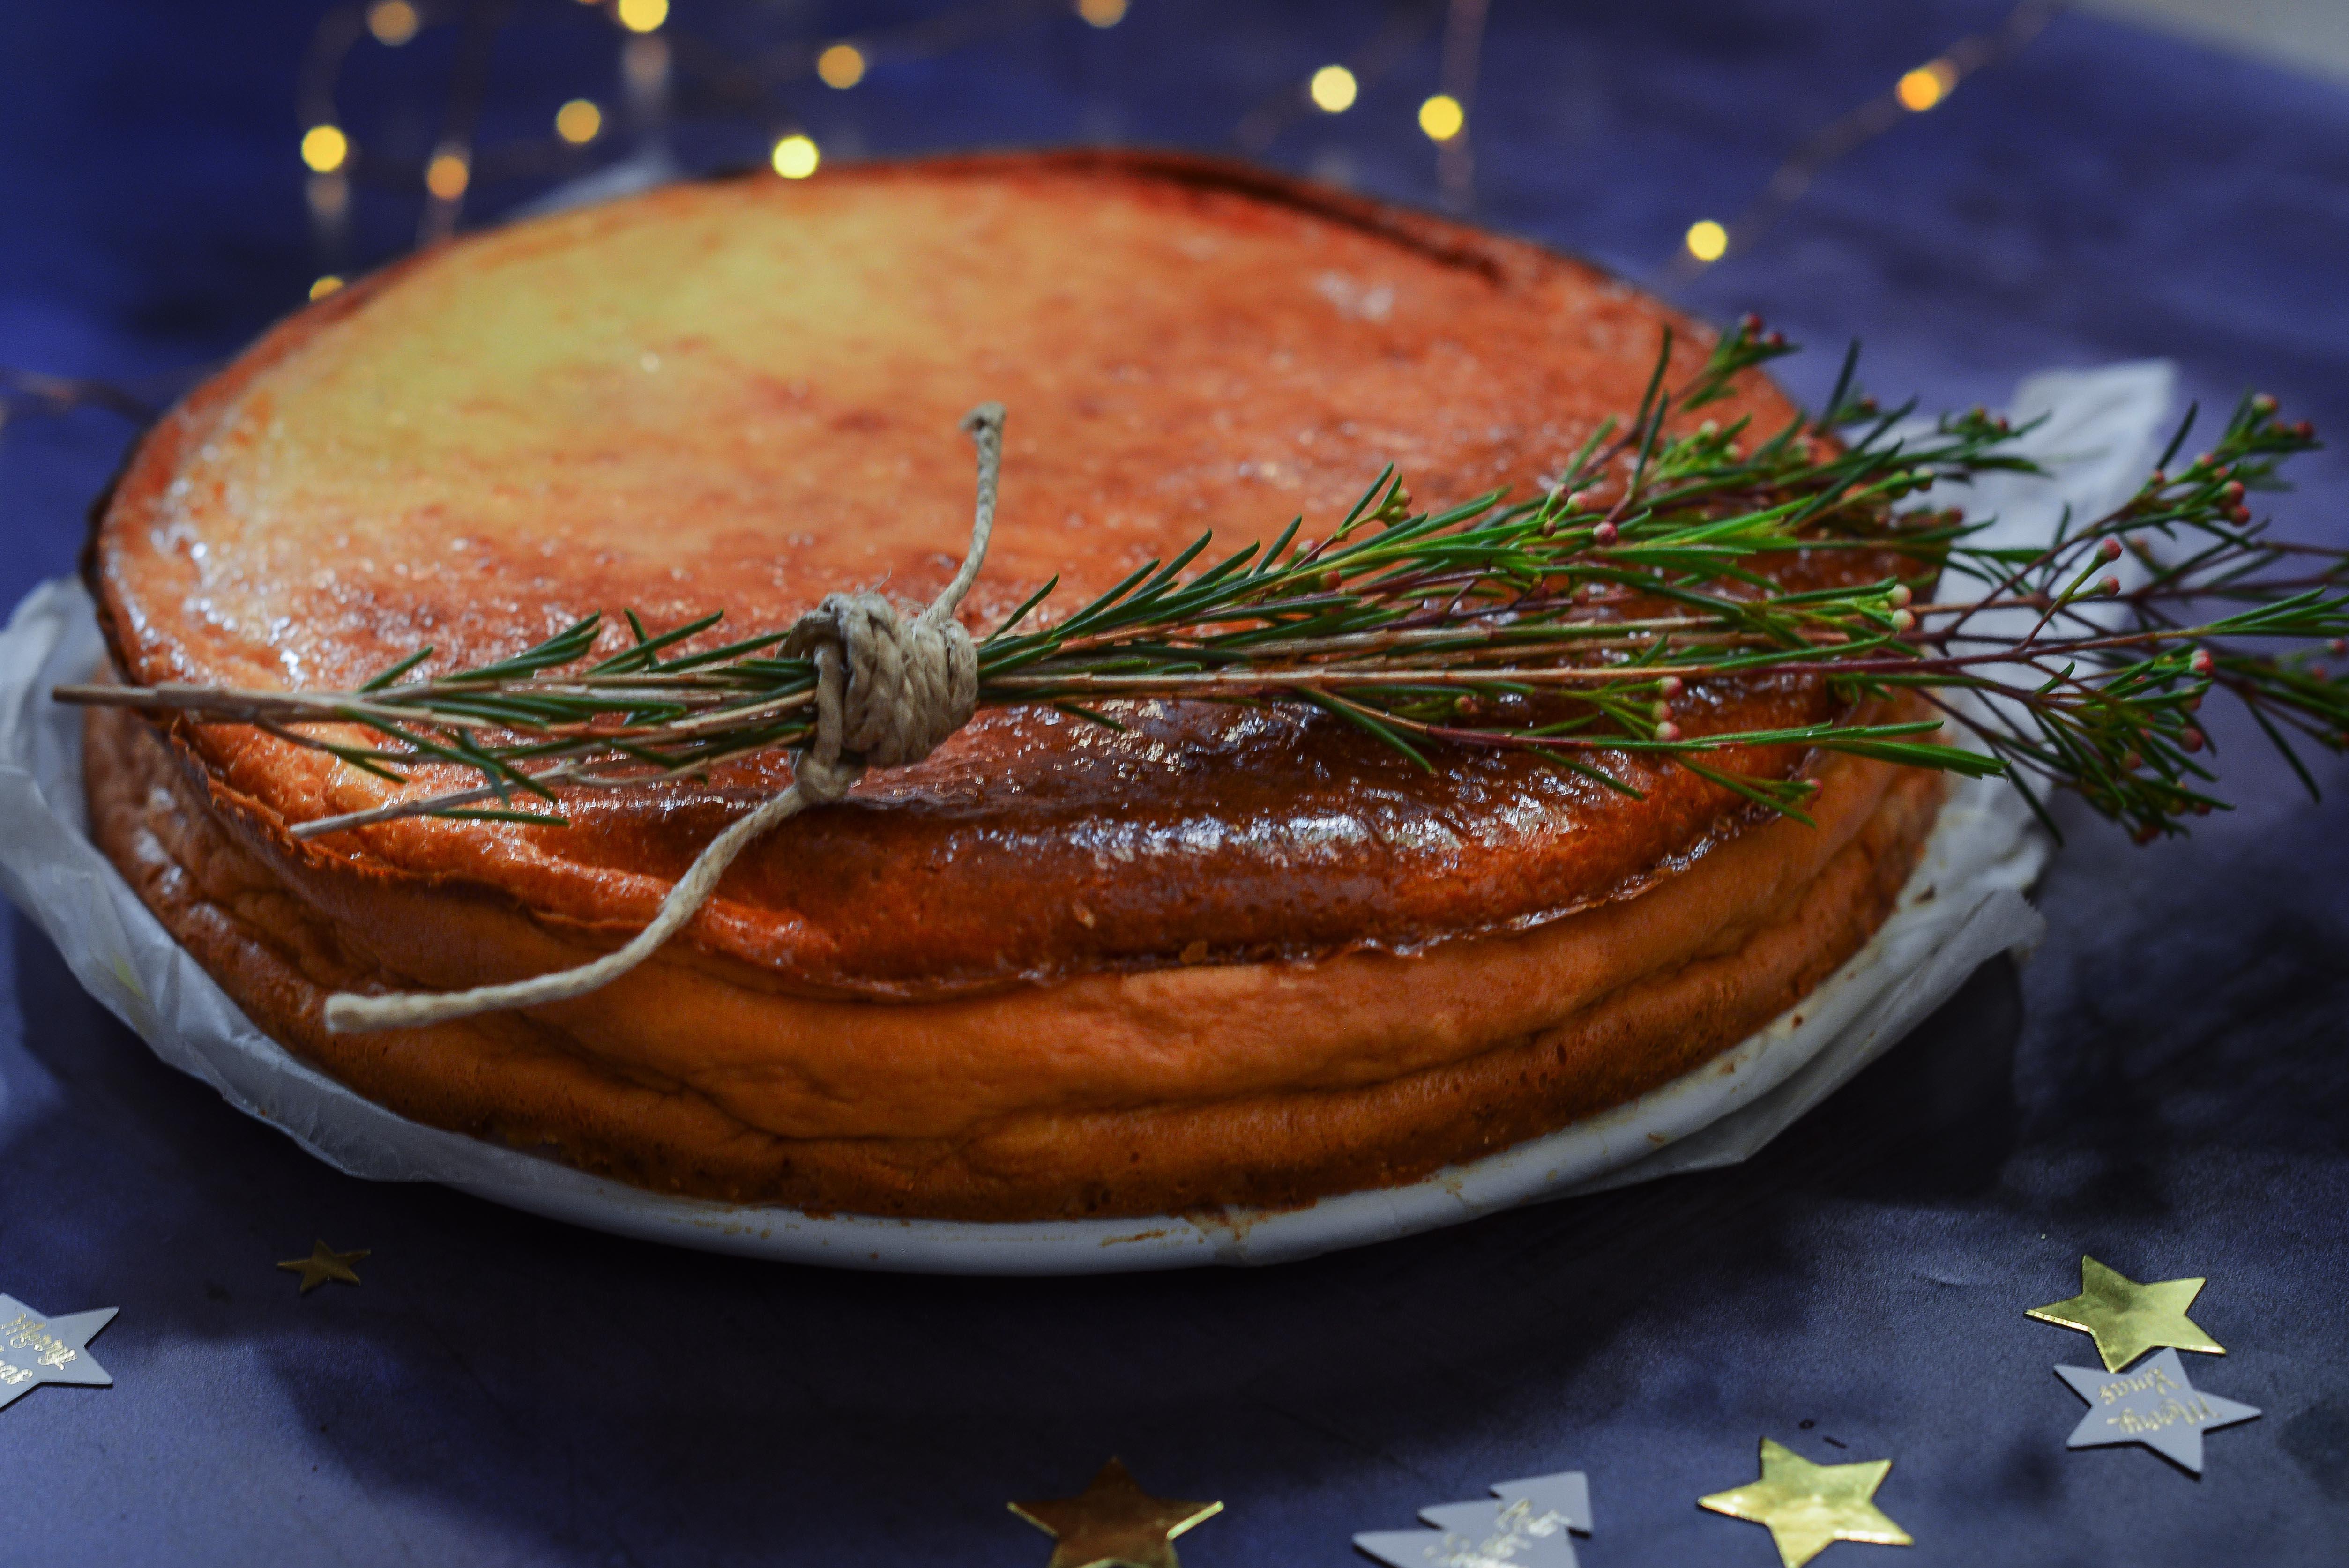 galletes de nadal-1-14web